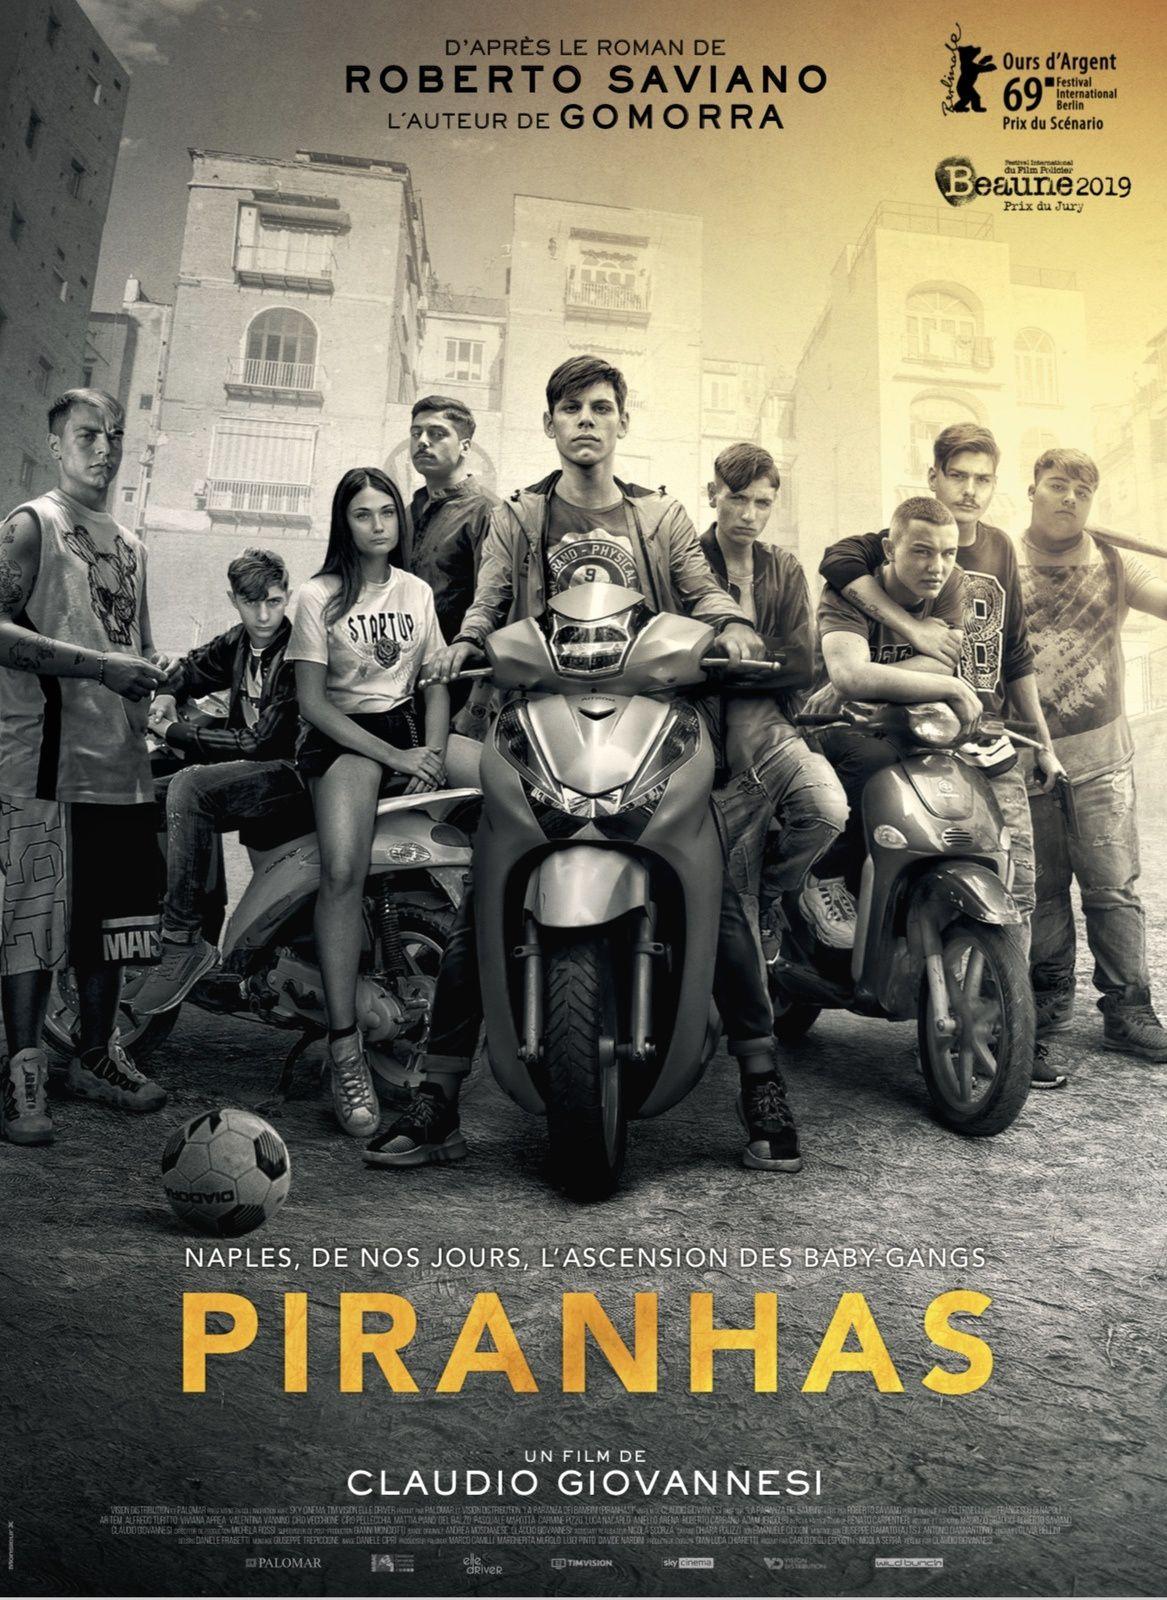 Dans les salles dès ce mercredi, le film Piranhas (d'après le roman de Roberto Saviano).